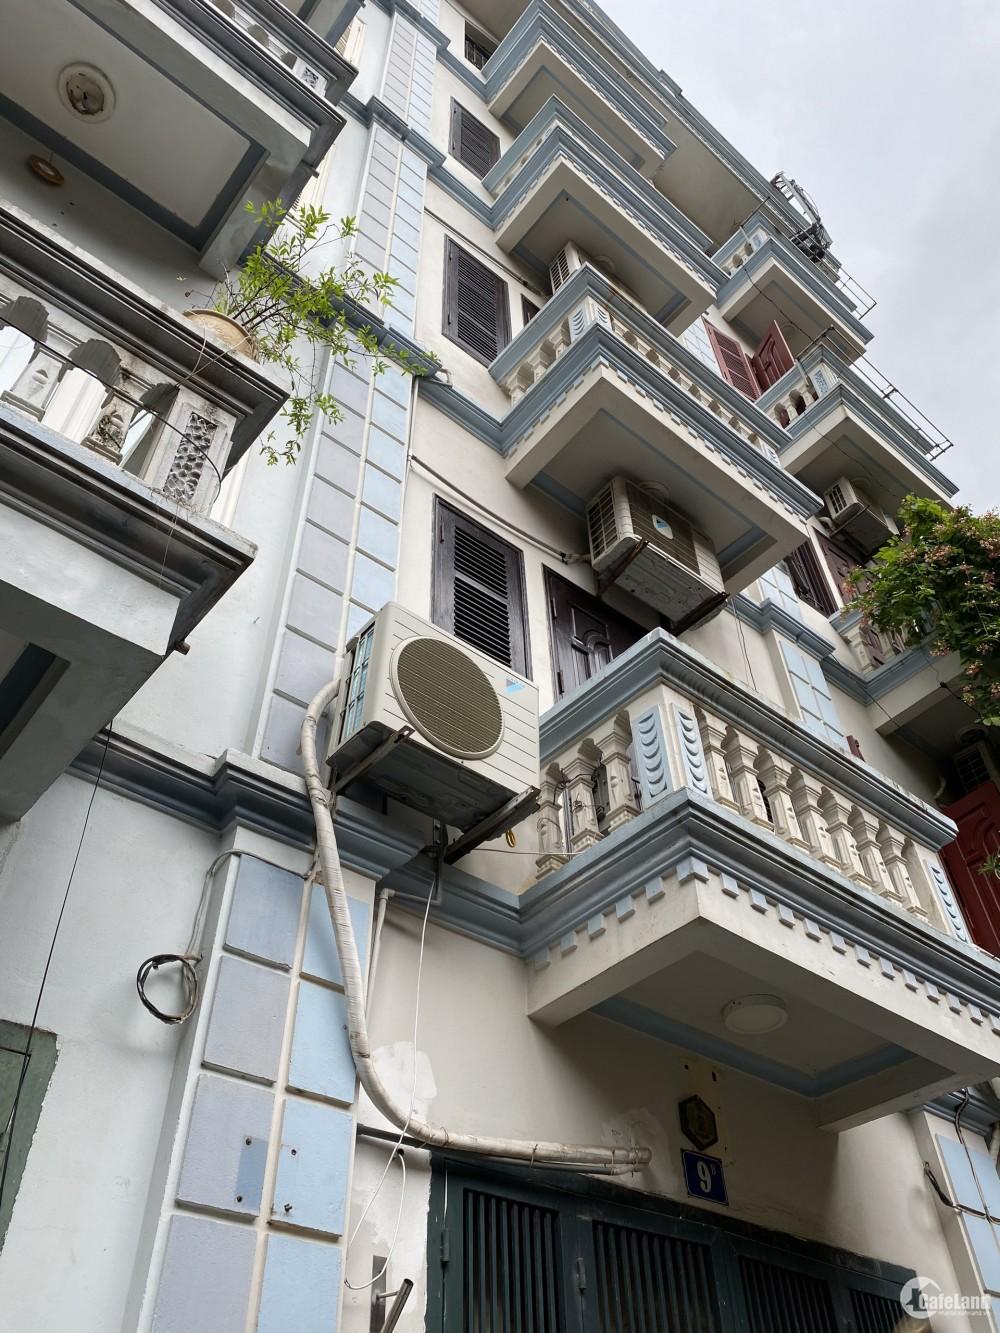 Bán nhà 34m2 5 tầng 3.9 tỷ Yên Hòa ngõ 2m nhà mới đẹp.